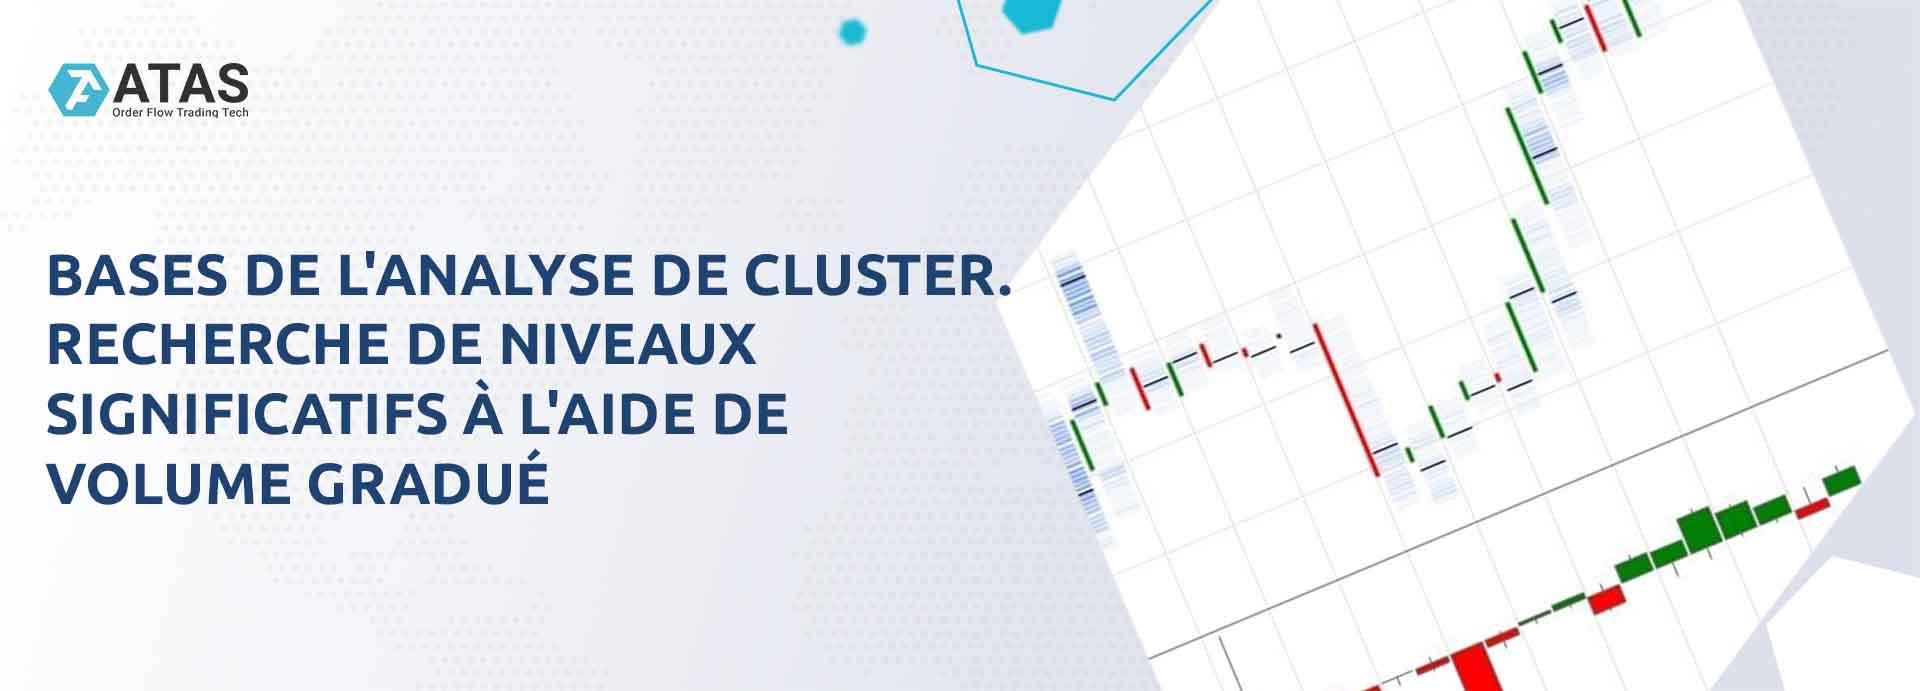 Bases de l'analyse de cluster. Recherche de niveaux significatifs à l'aide de Volume gradué